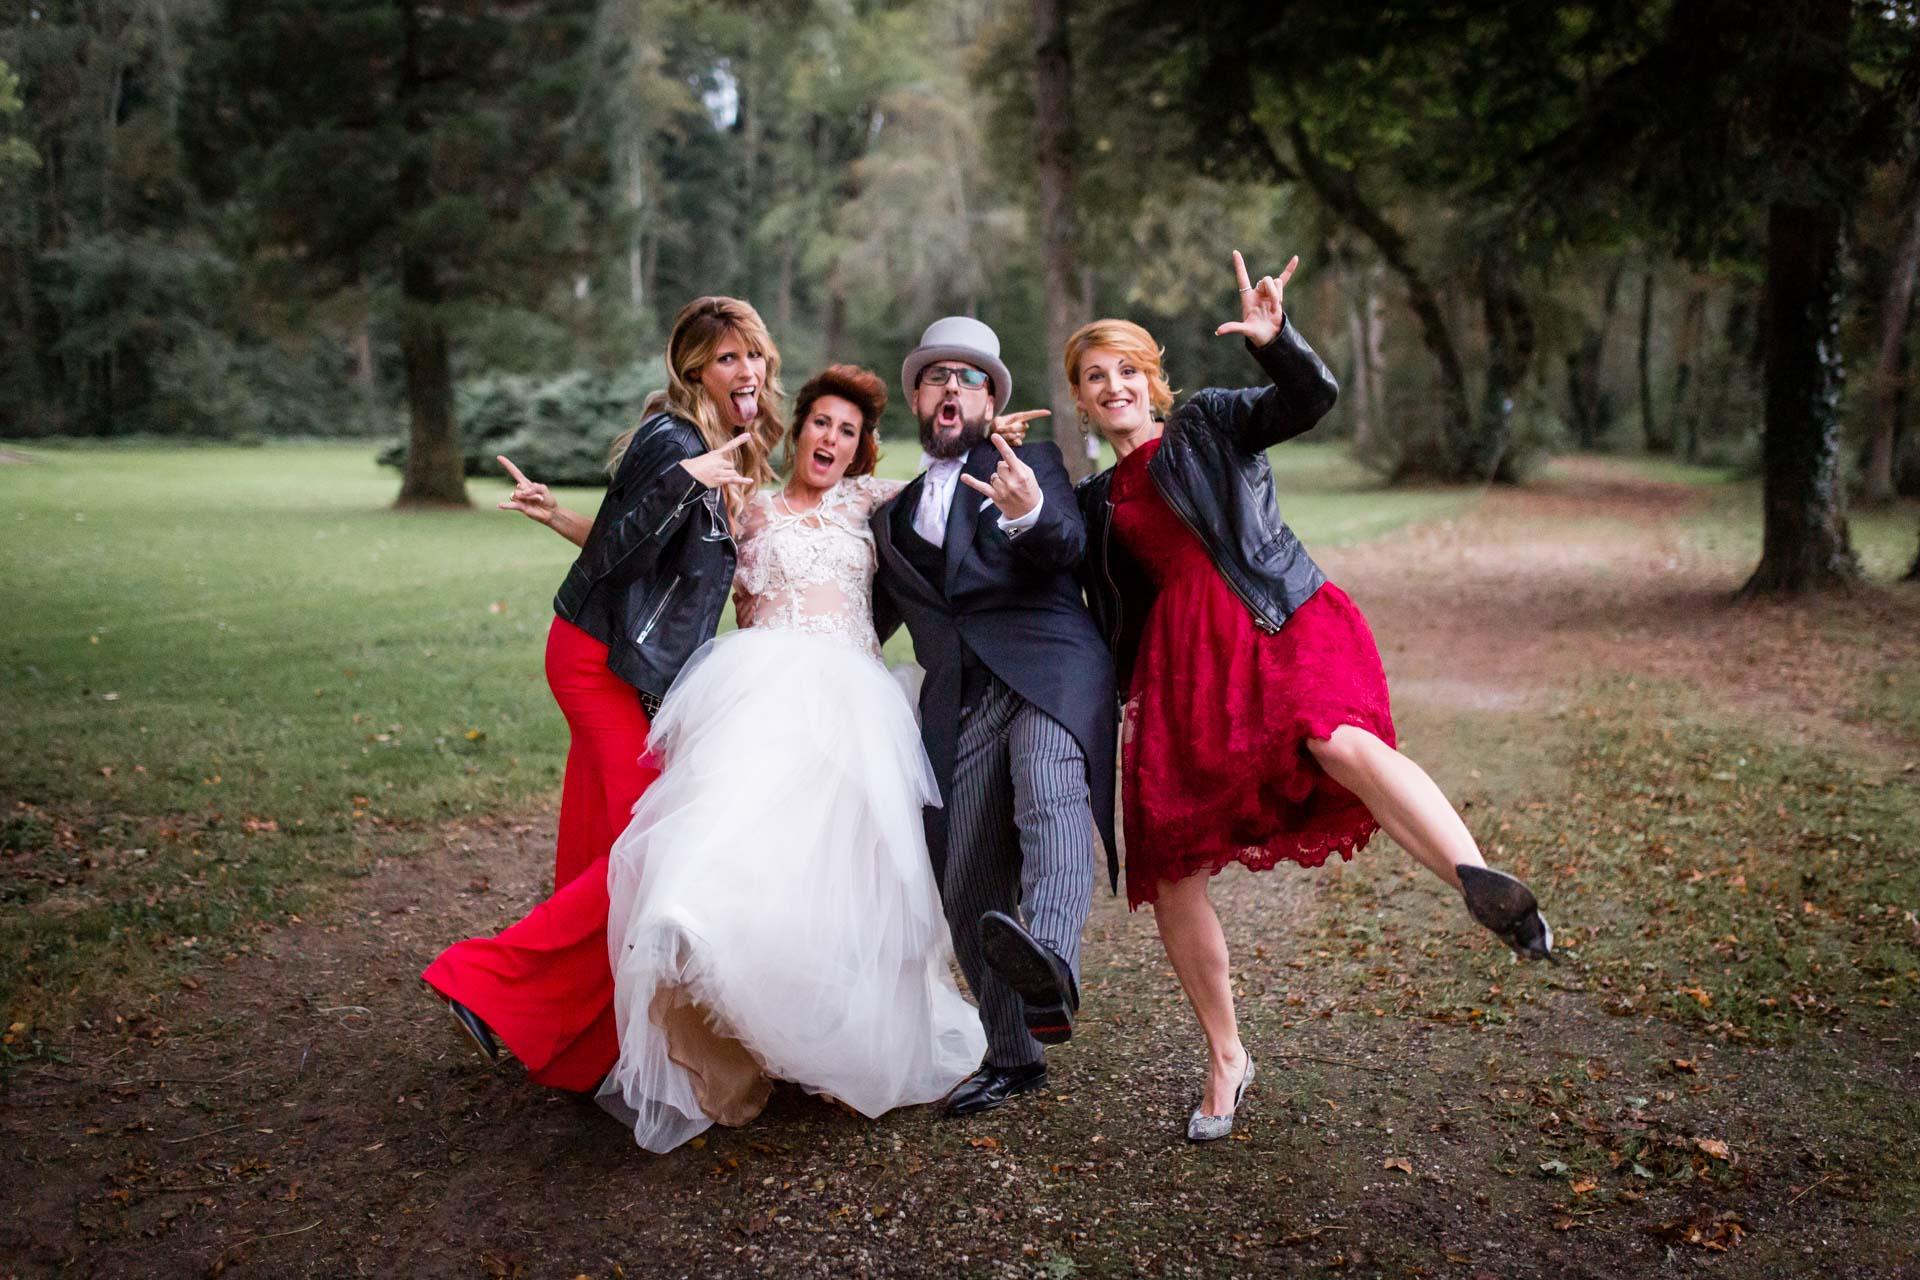 Photographe de Mariage Rock one more rocking group photos